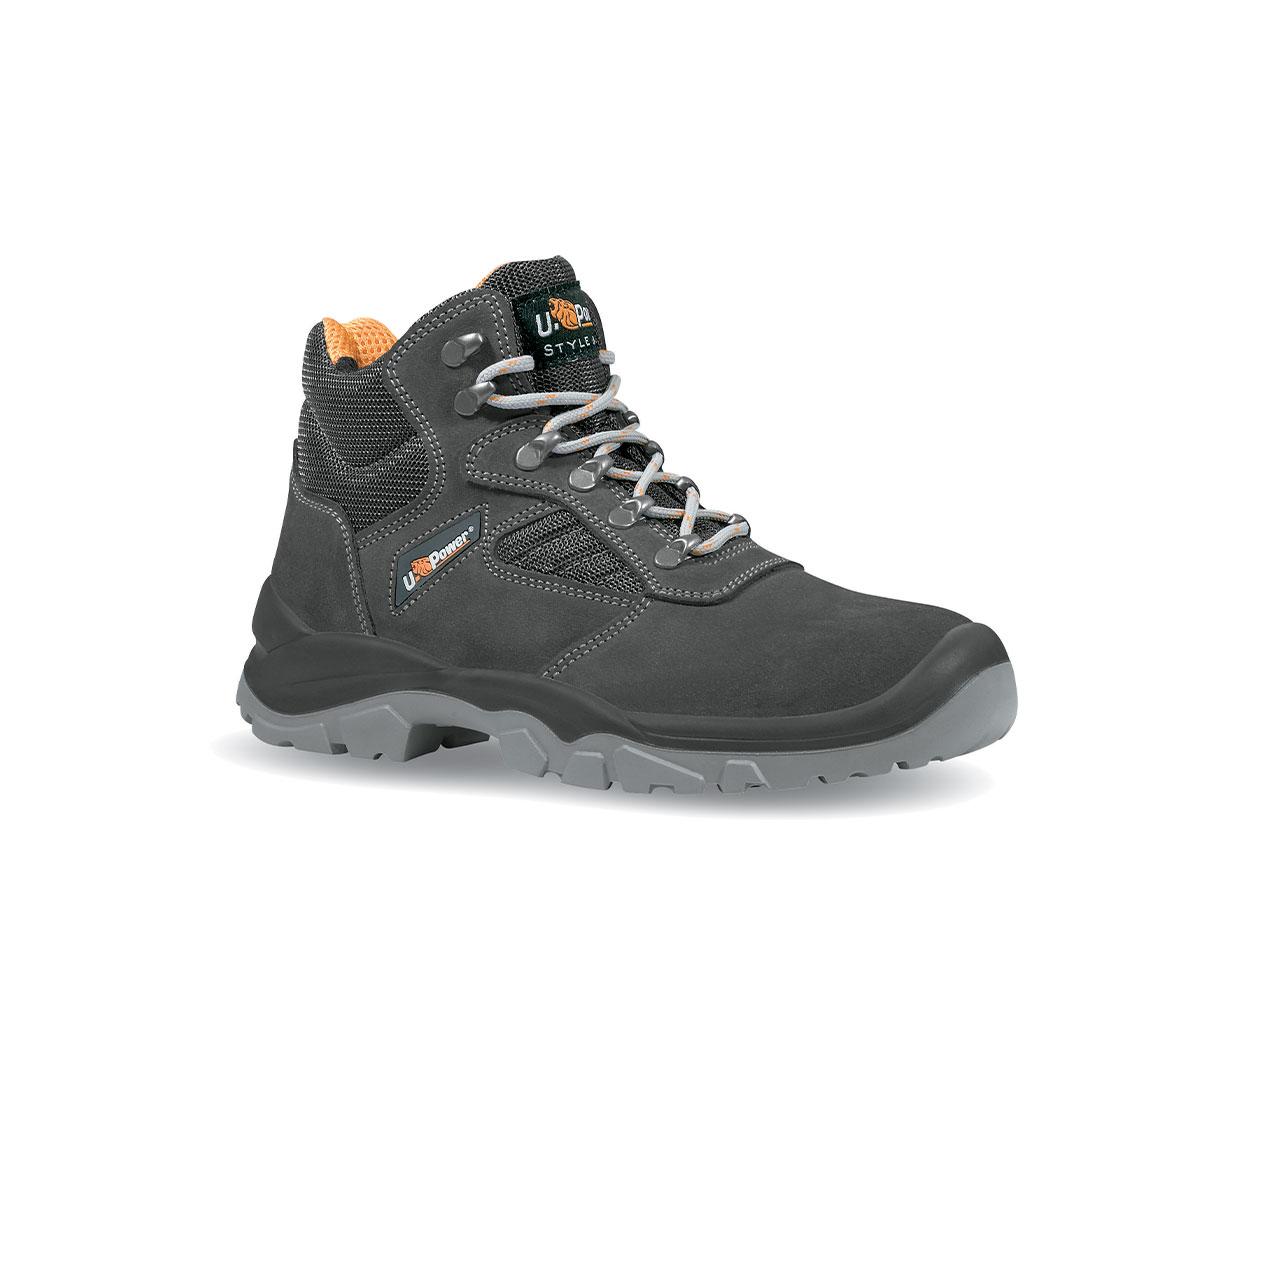 scarpa antinfortunistica upower modello real linea STYLE_JOB vista laterale